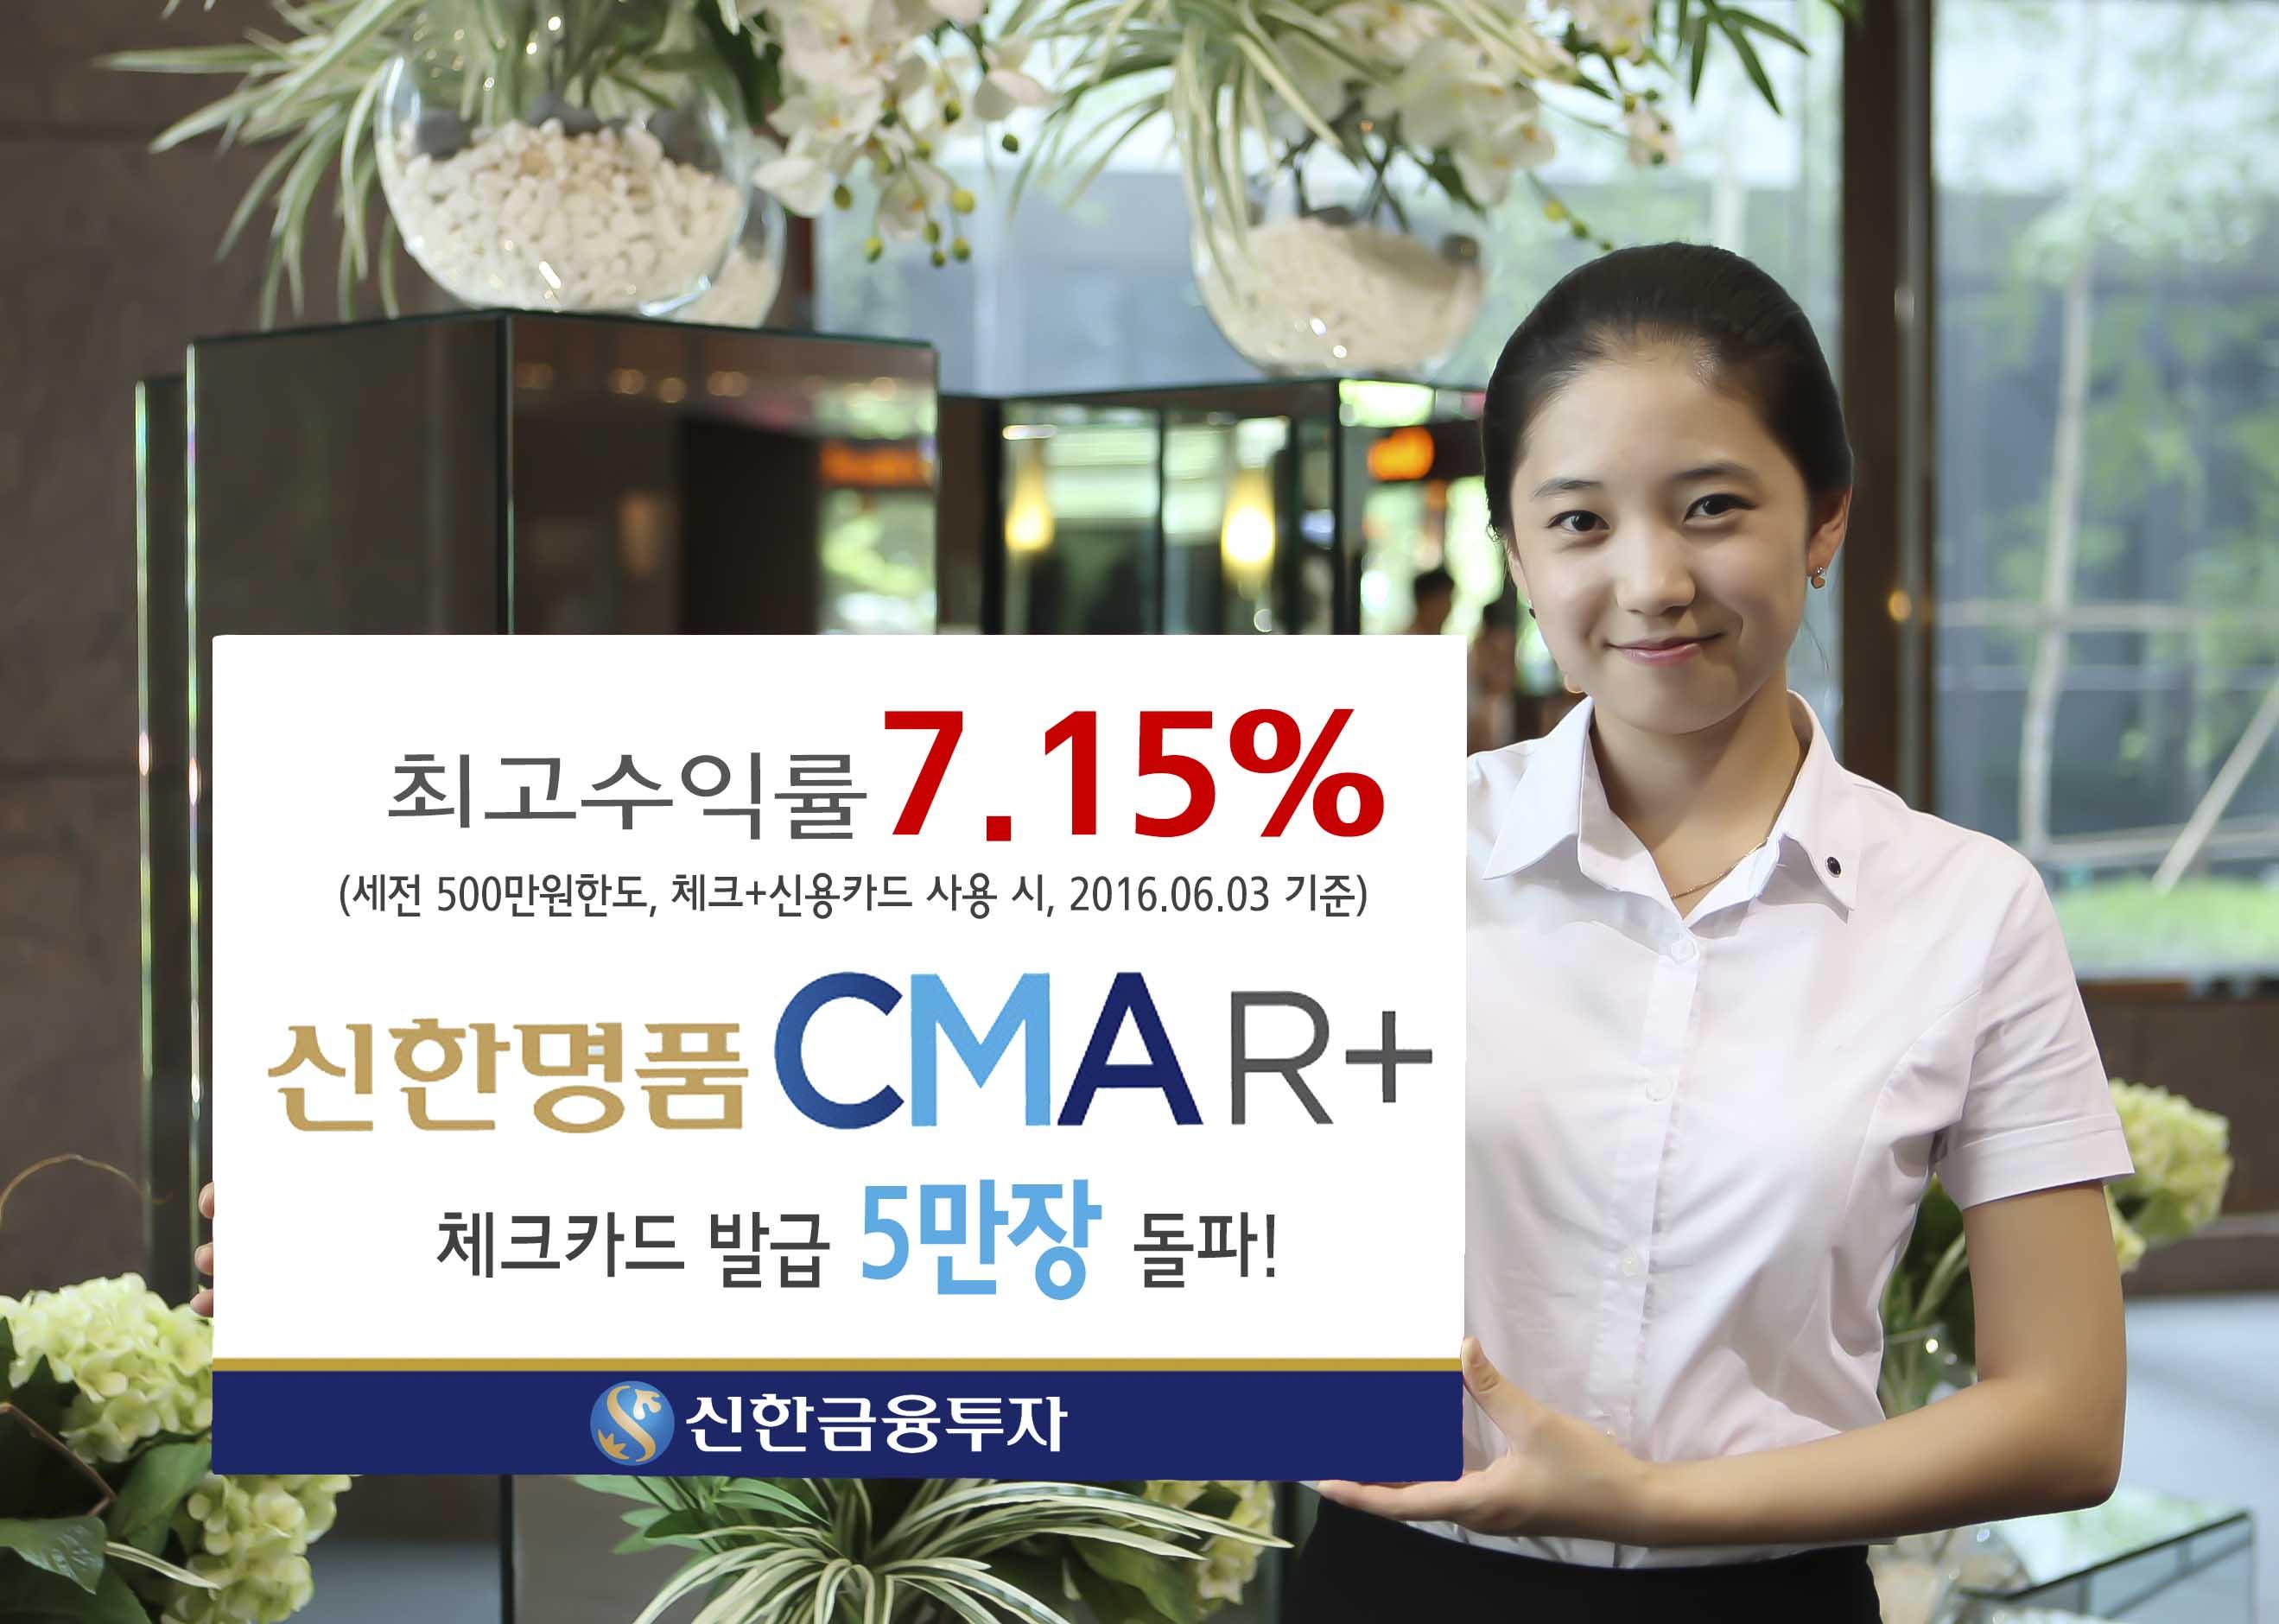 신한금융투자, 'CMA R+ 체크카드' 발행 5만장 돌파